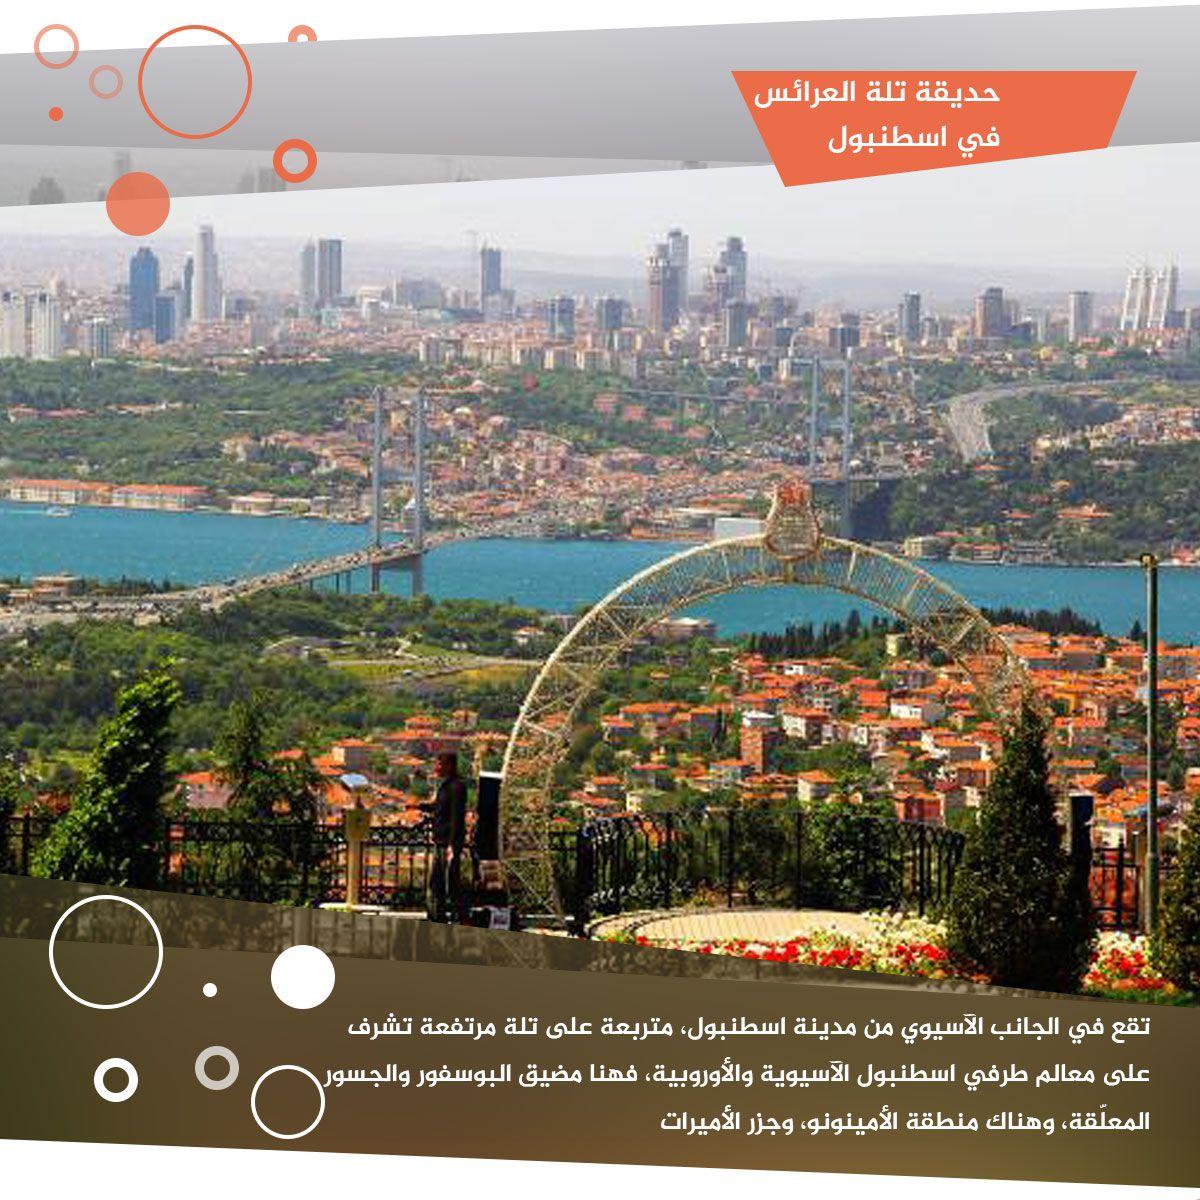 اجمل حدائق اسطنبول وكيفية الوصول اليها Most Beautiful Gardens Beautiful Gardens Istanbul